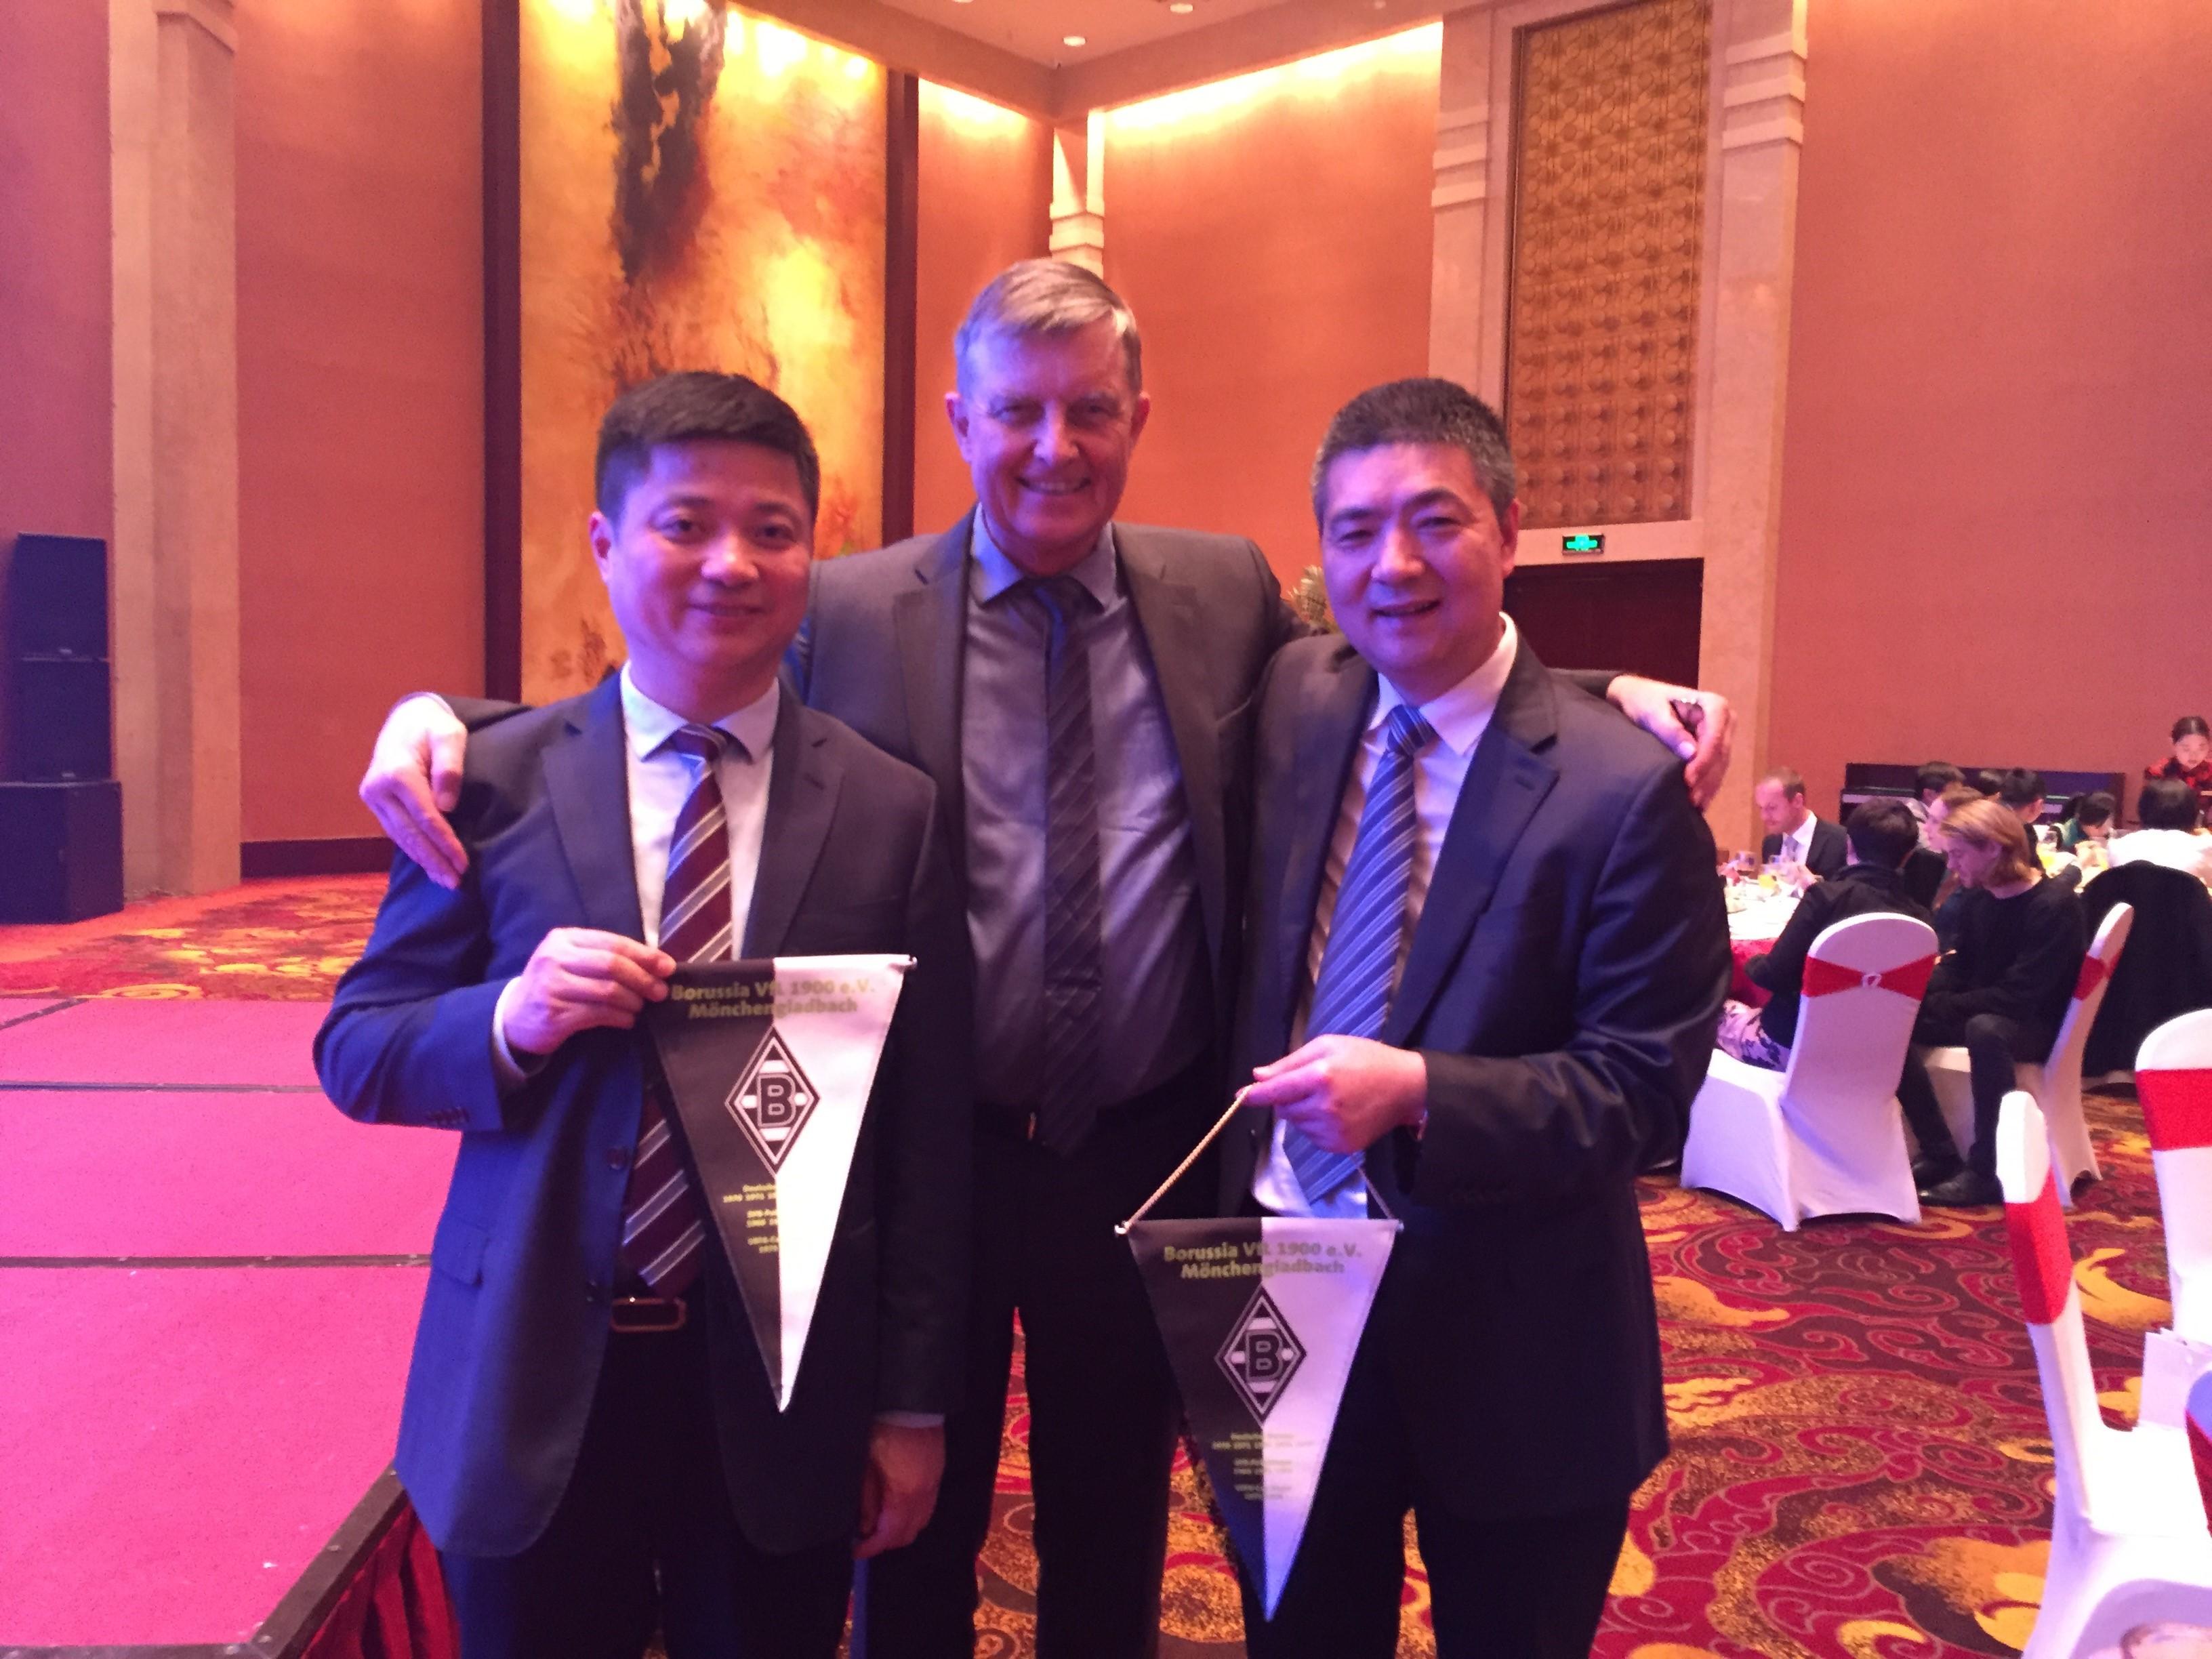 Stellv GDCV-Vorsitzender Dr. Michael Borchmann überreicht deutsche Fußball-Souvenirs an Hi-Tech Zonen Direktor XU Yawei und Bürgermeister Chen